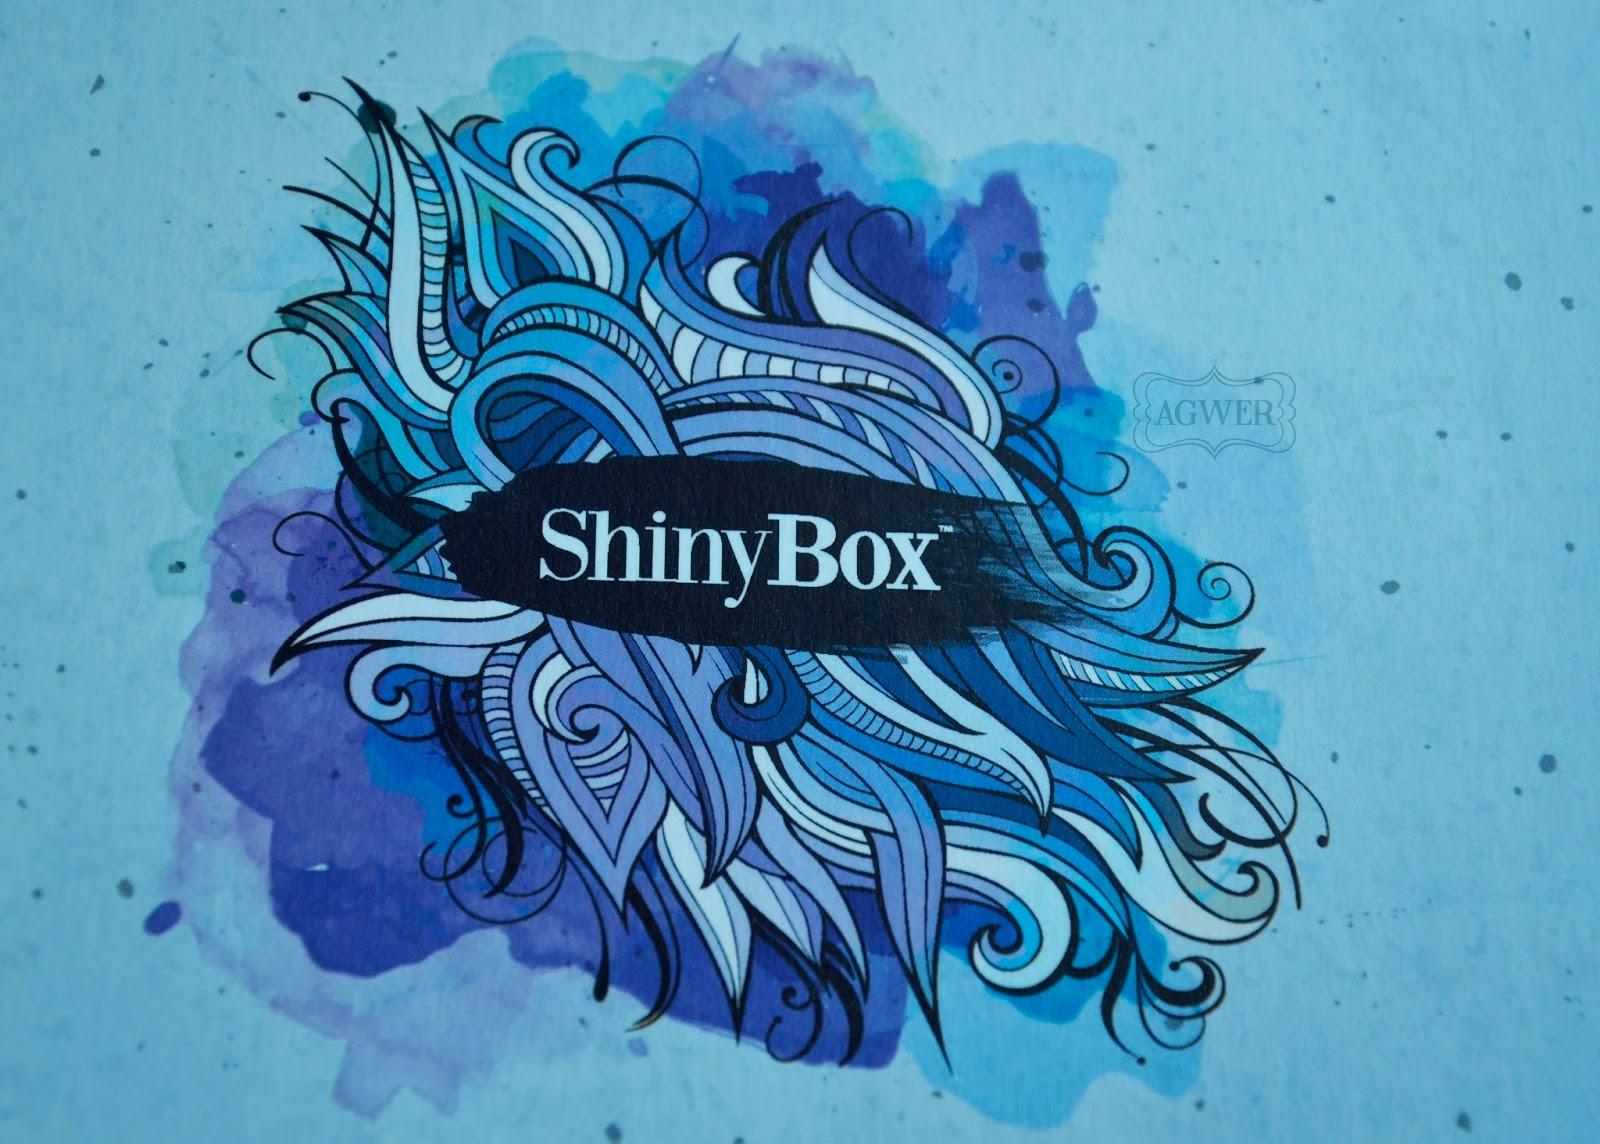 Shiny-Box